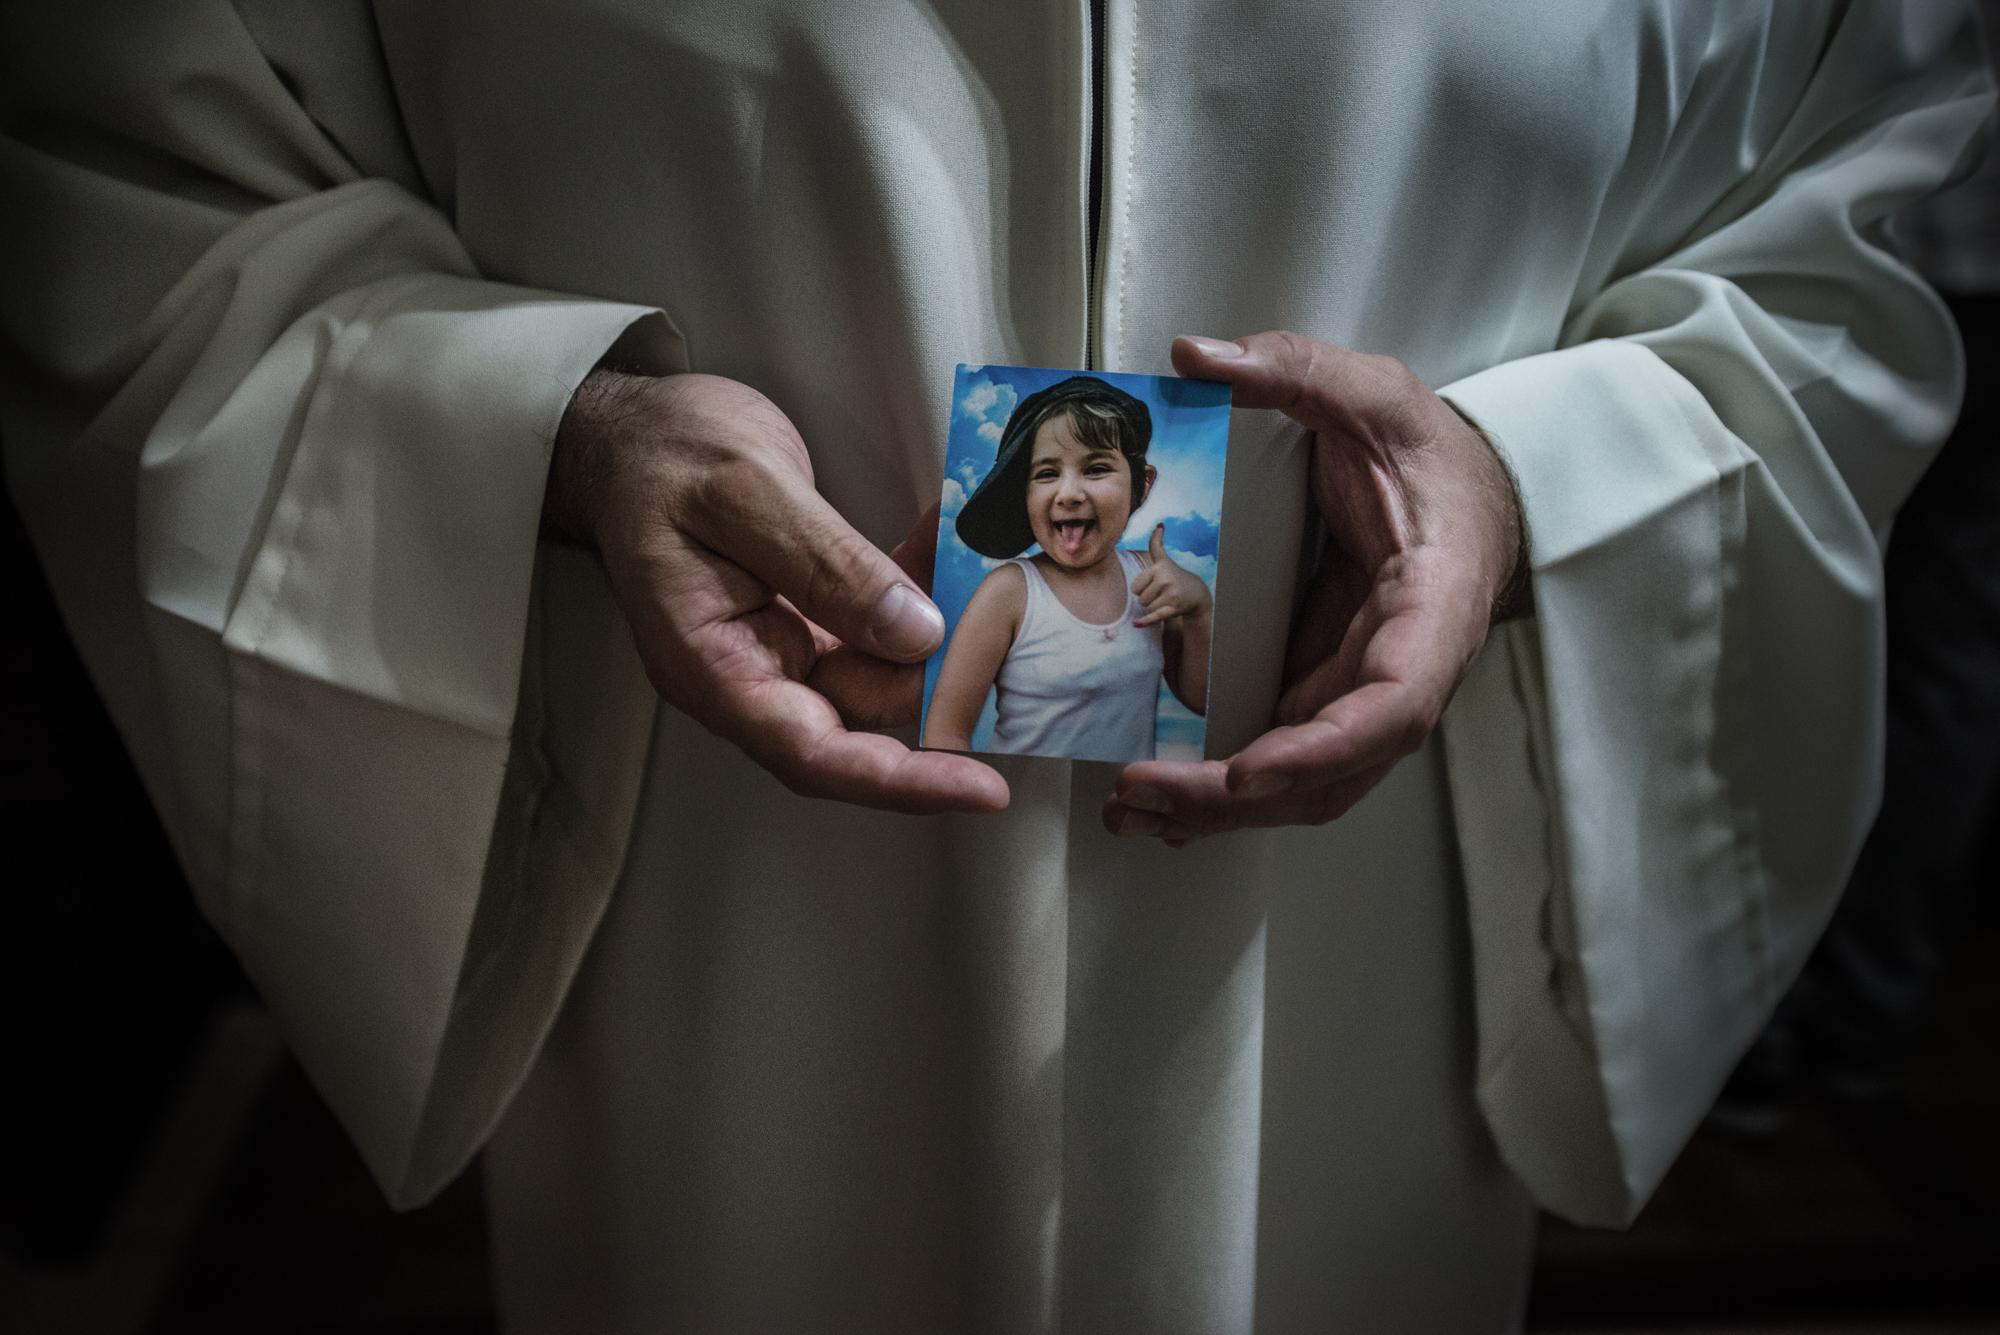 Chiesa di San Giorgio, Pianura, (NA), 2015. Messa di trigesimo in ricordo di Maria, morta di tumore all'età di 7 anni.